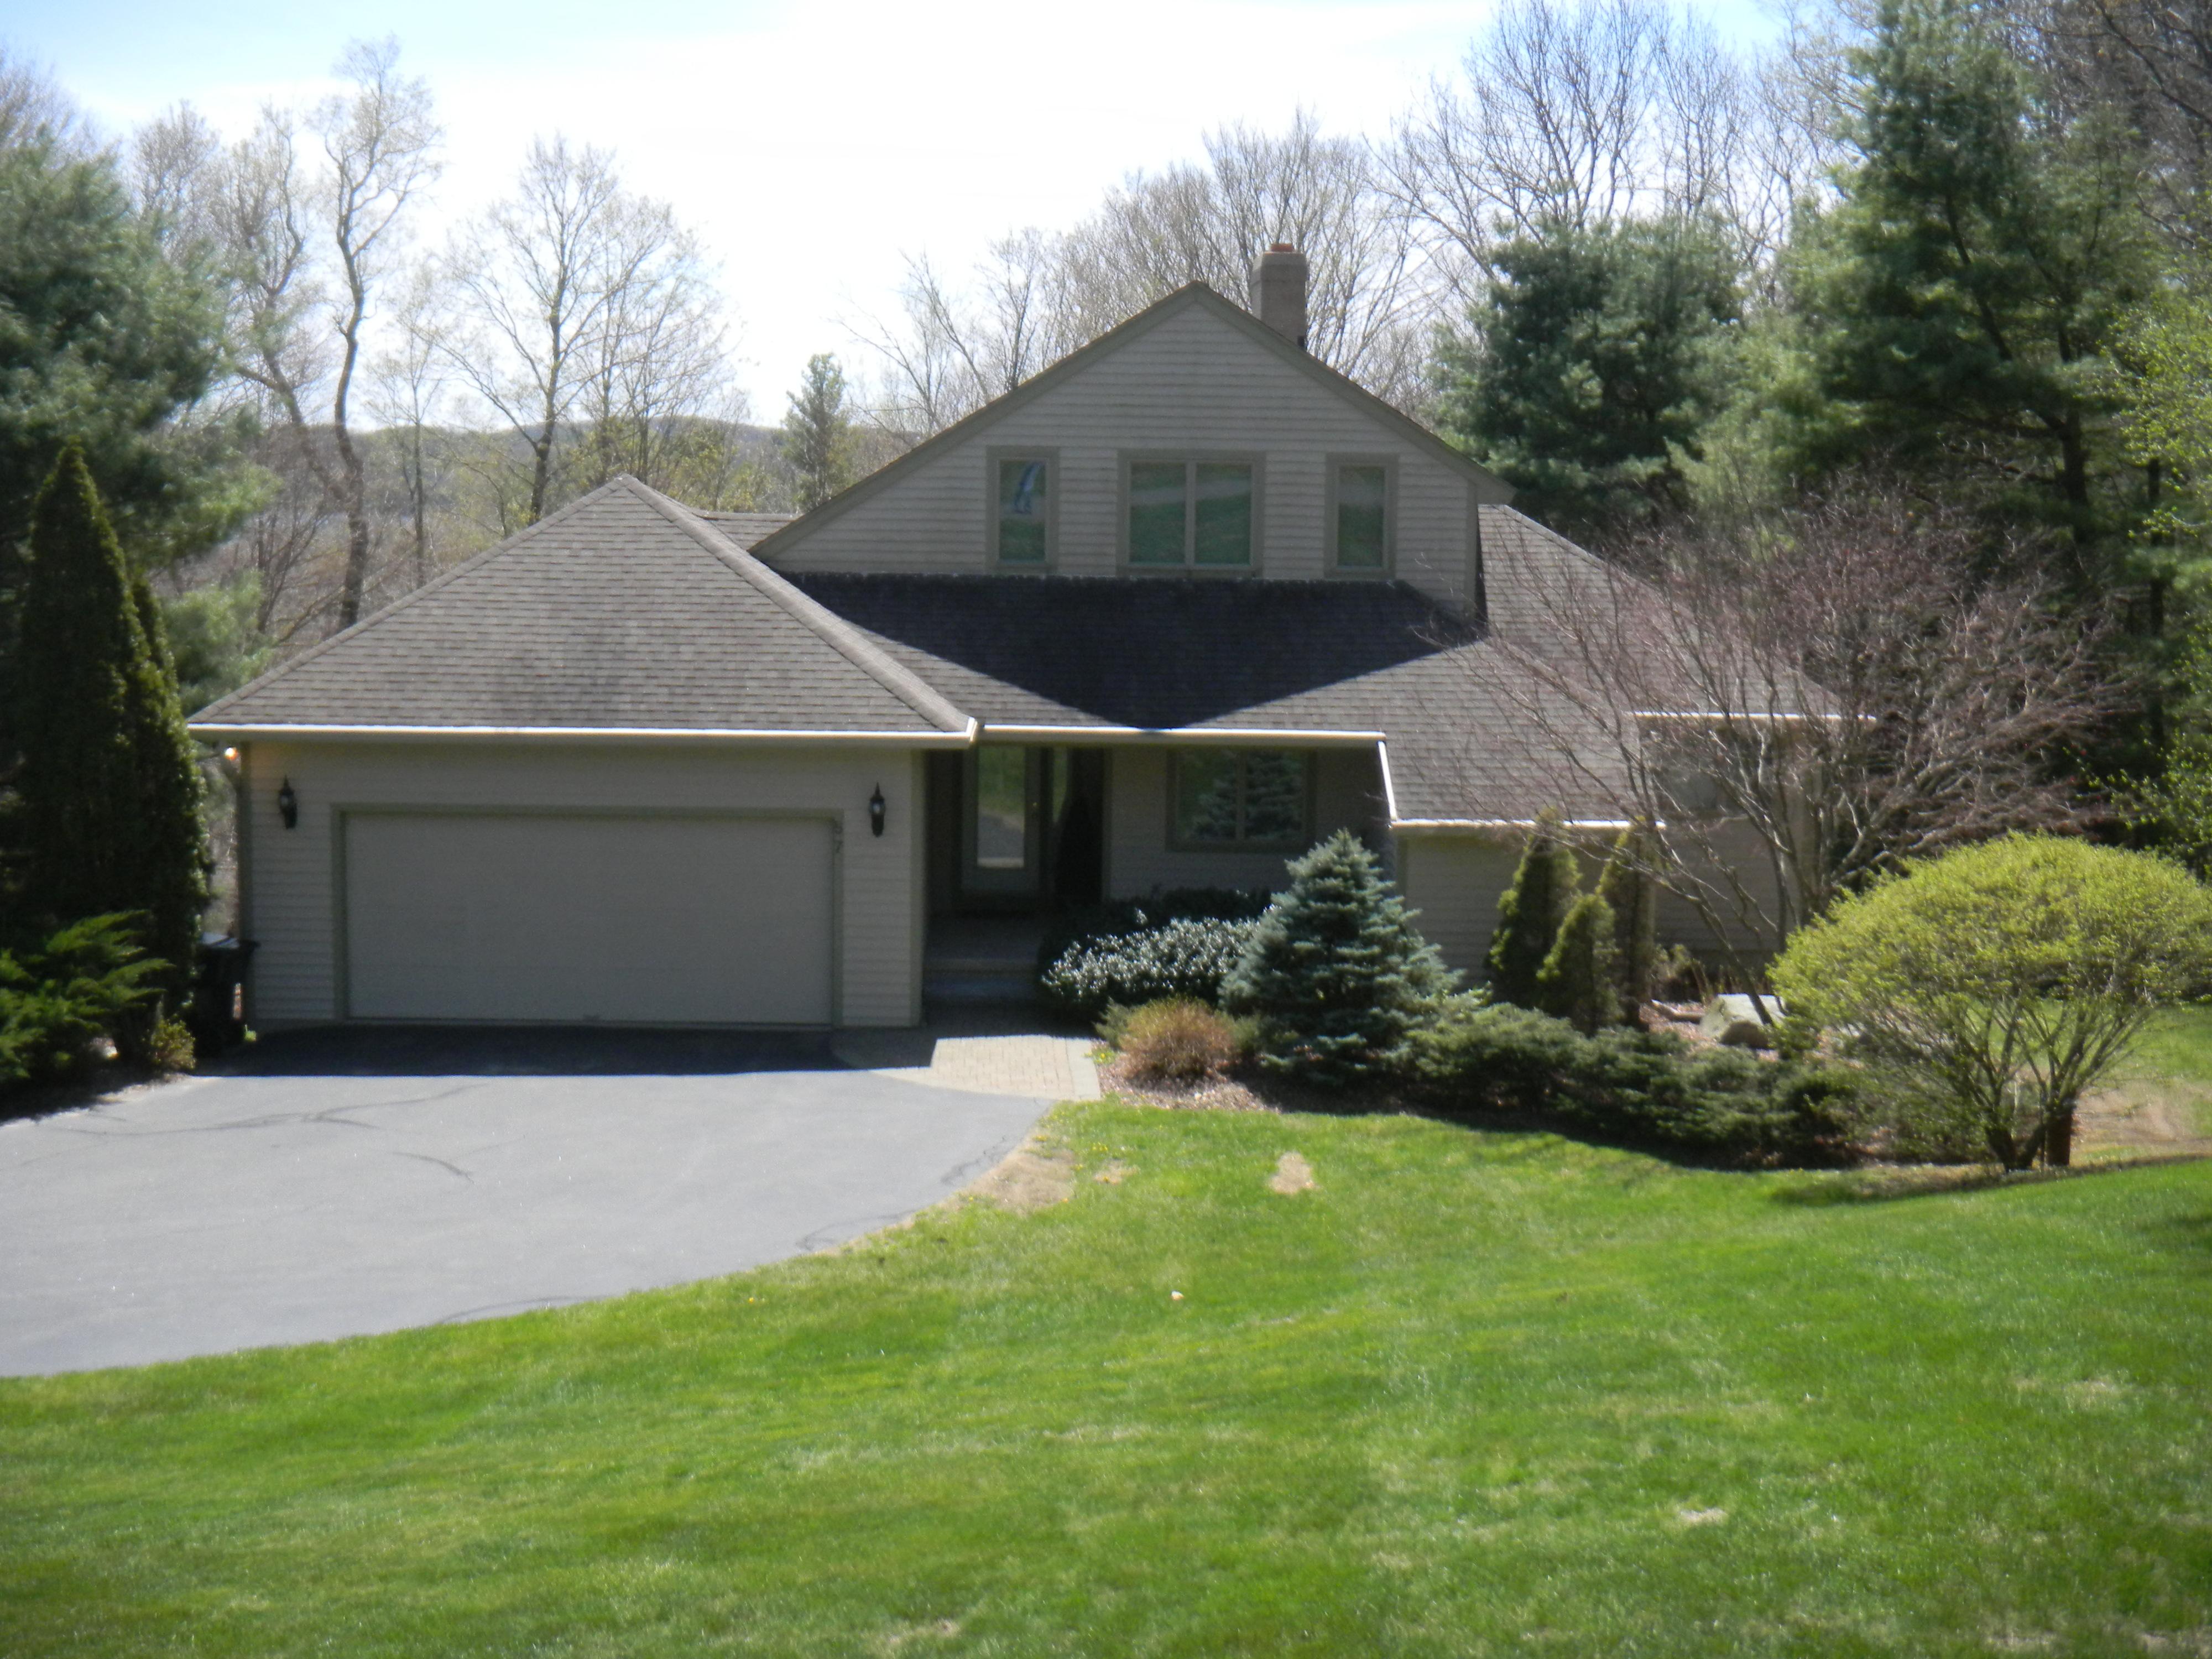 Villa per Vendita alle ore Woodridge Lake Country Home 57 Weldon Ct Goshen, Connecticut, 06756 Stati Uniti